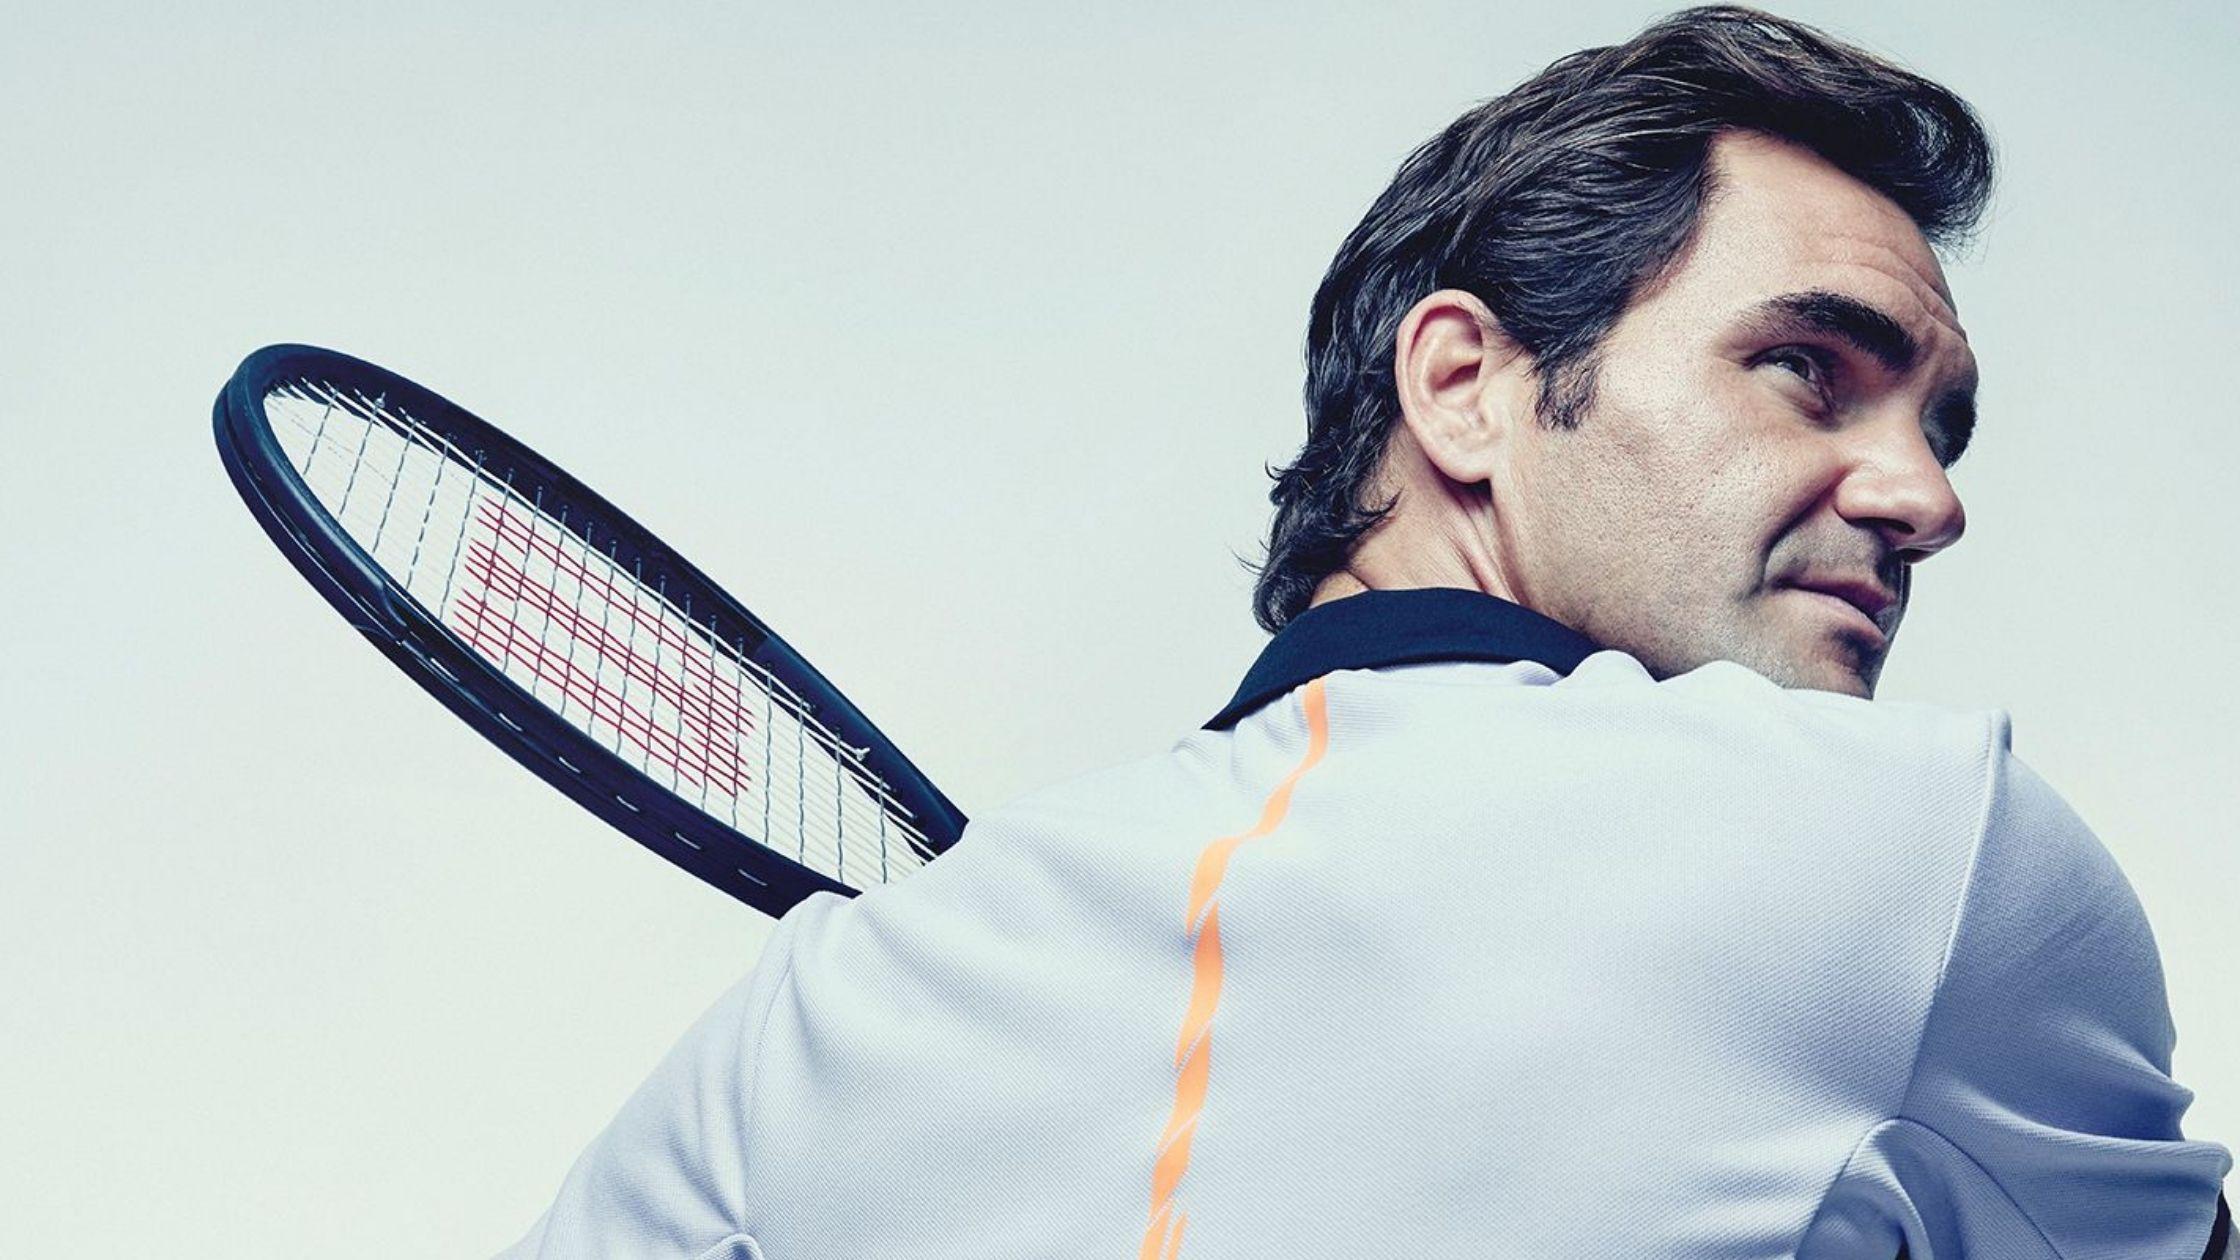 Roger Federer sets the return date